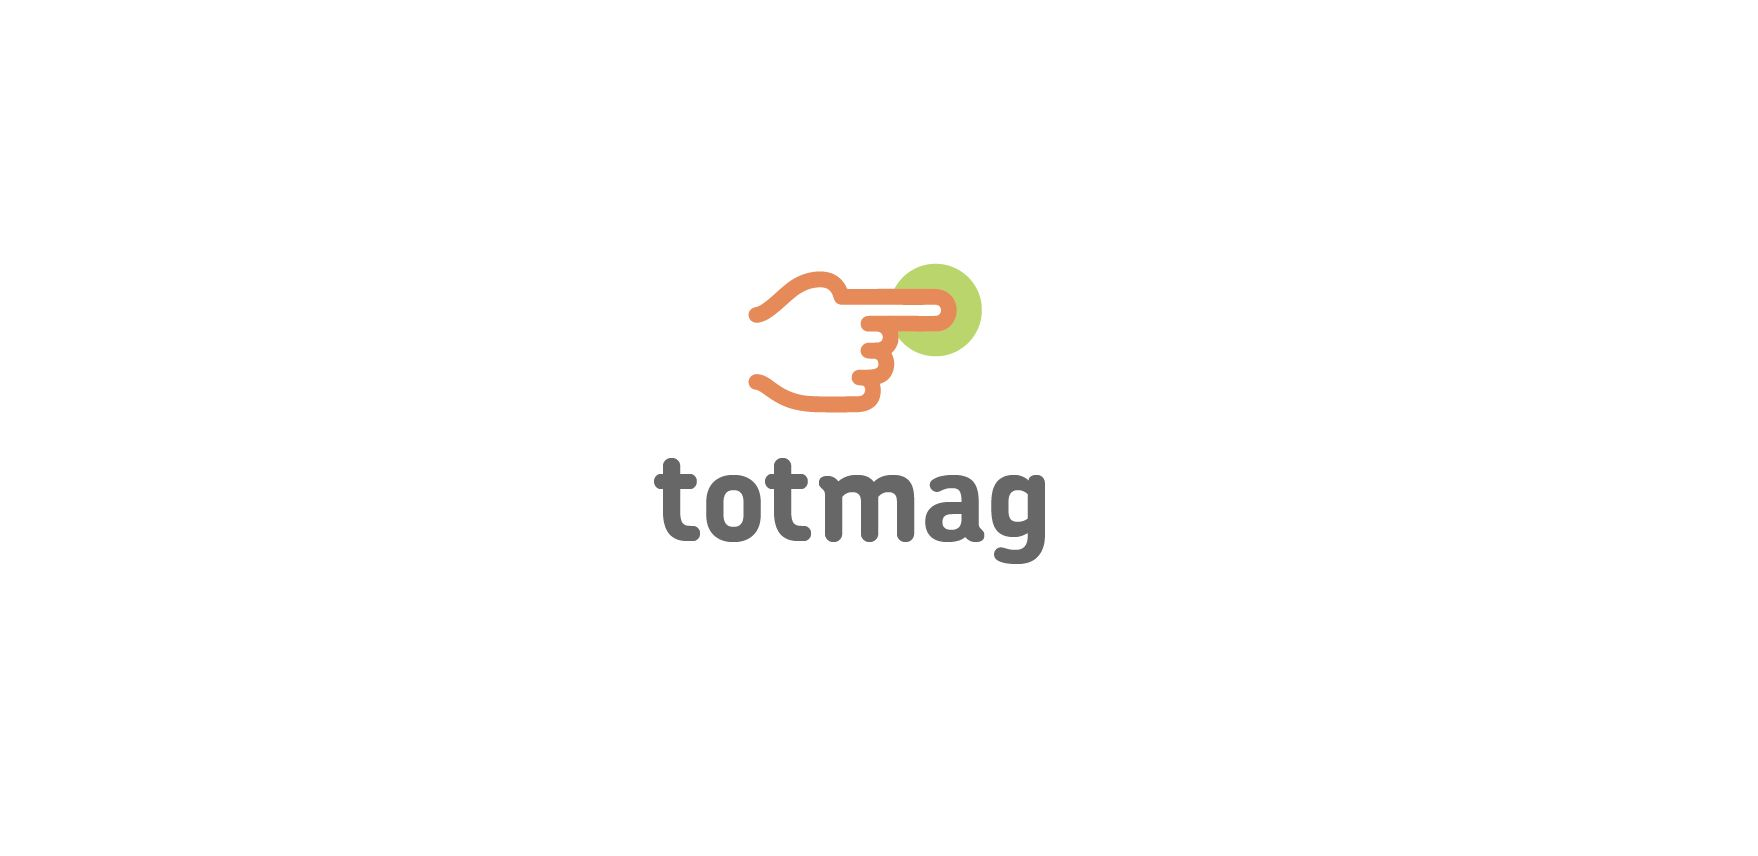 Логотип для интернет магазина totmag.ru - дизайнер exilim-uncor